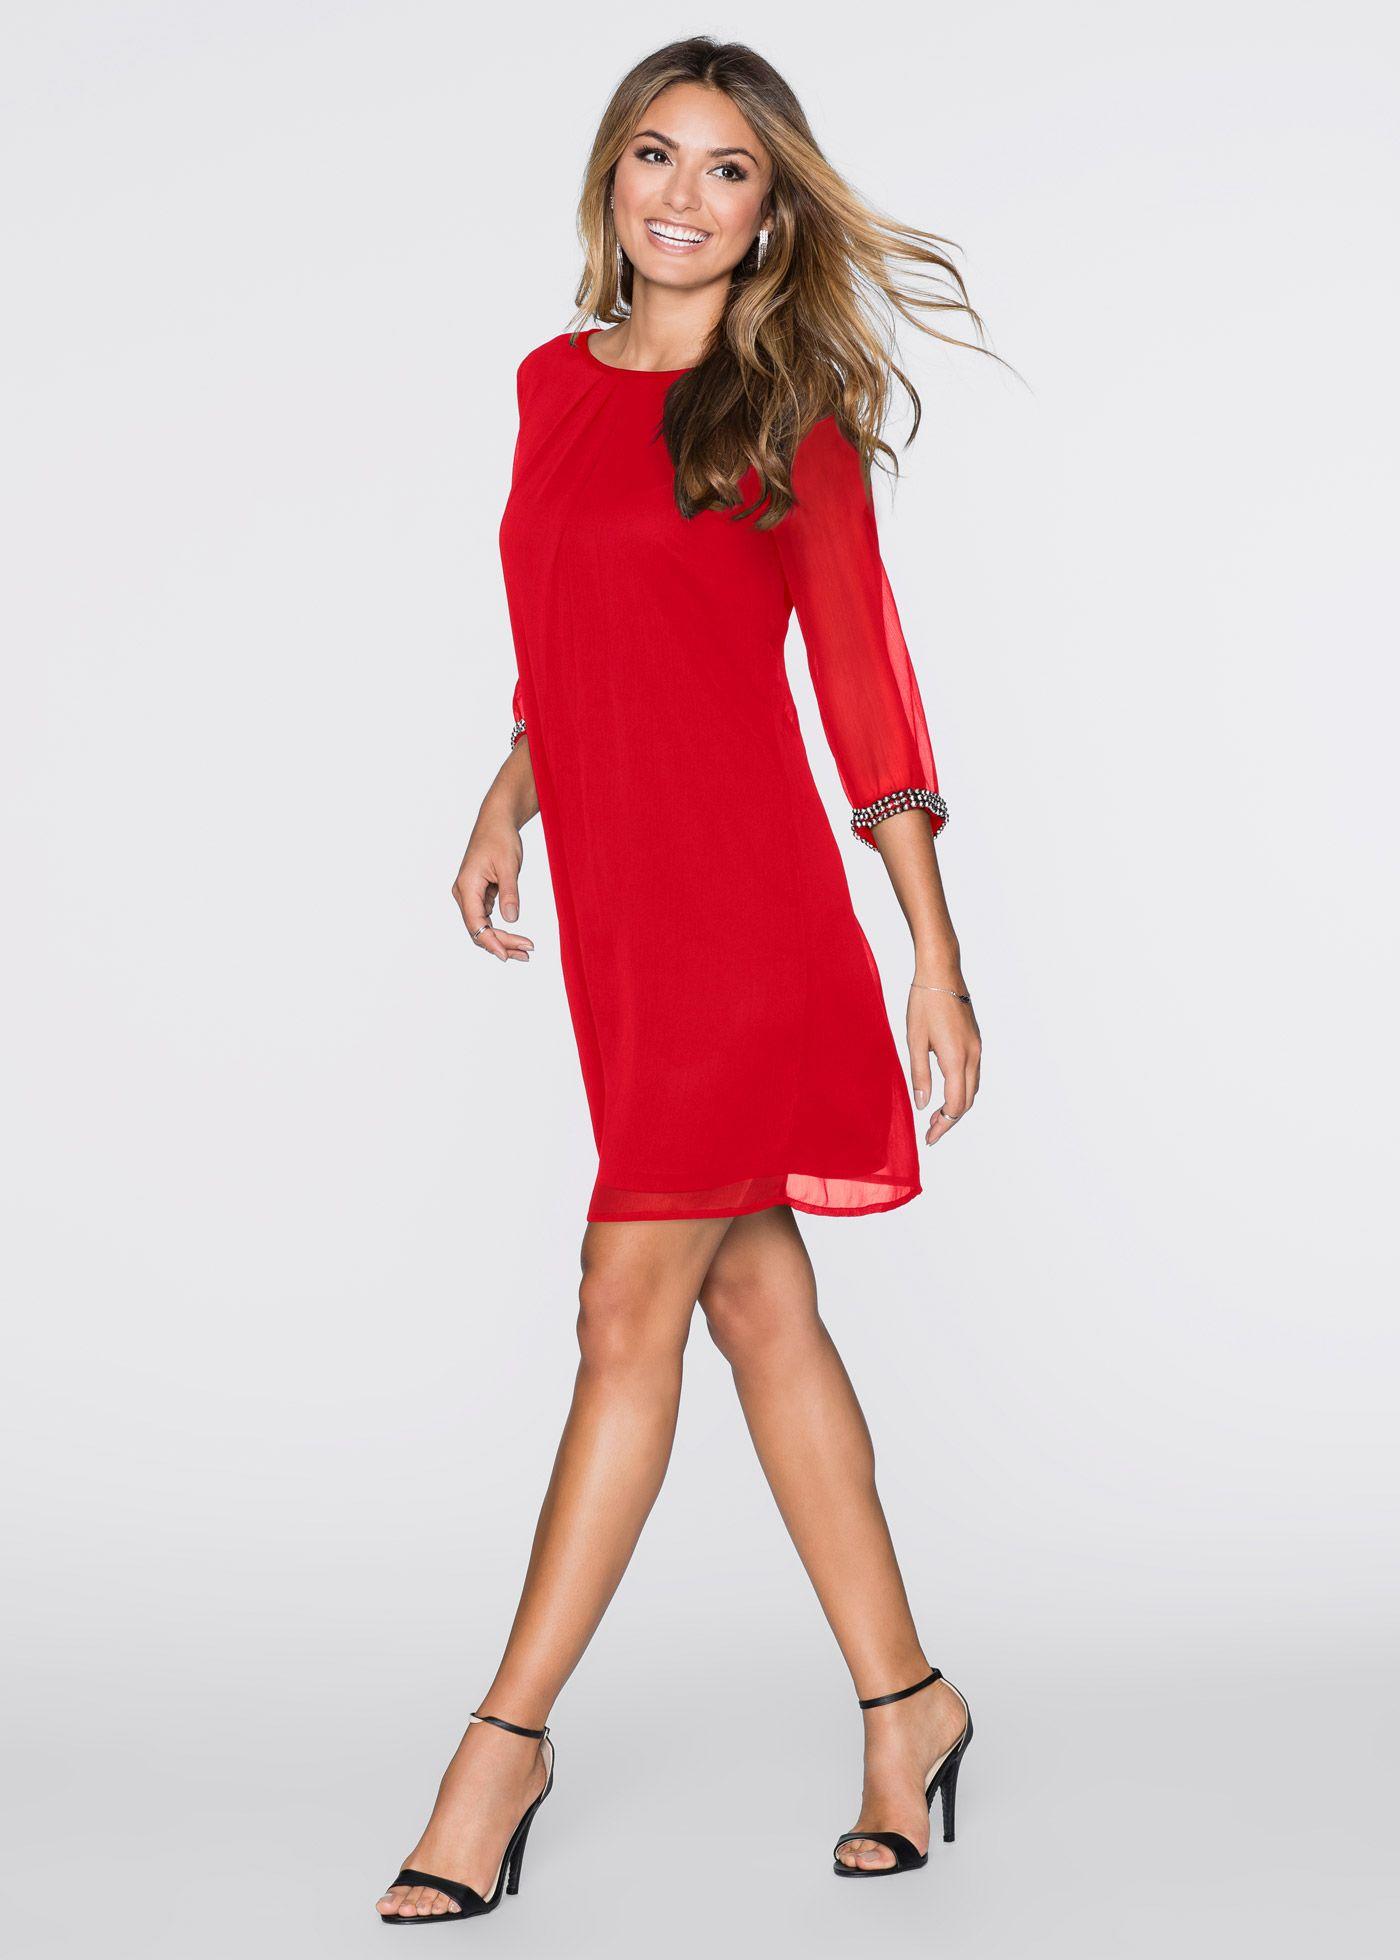 Chiffon-Kleid rot jetzt im Online Shop von bonprix.de ab ? 17,17